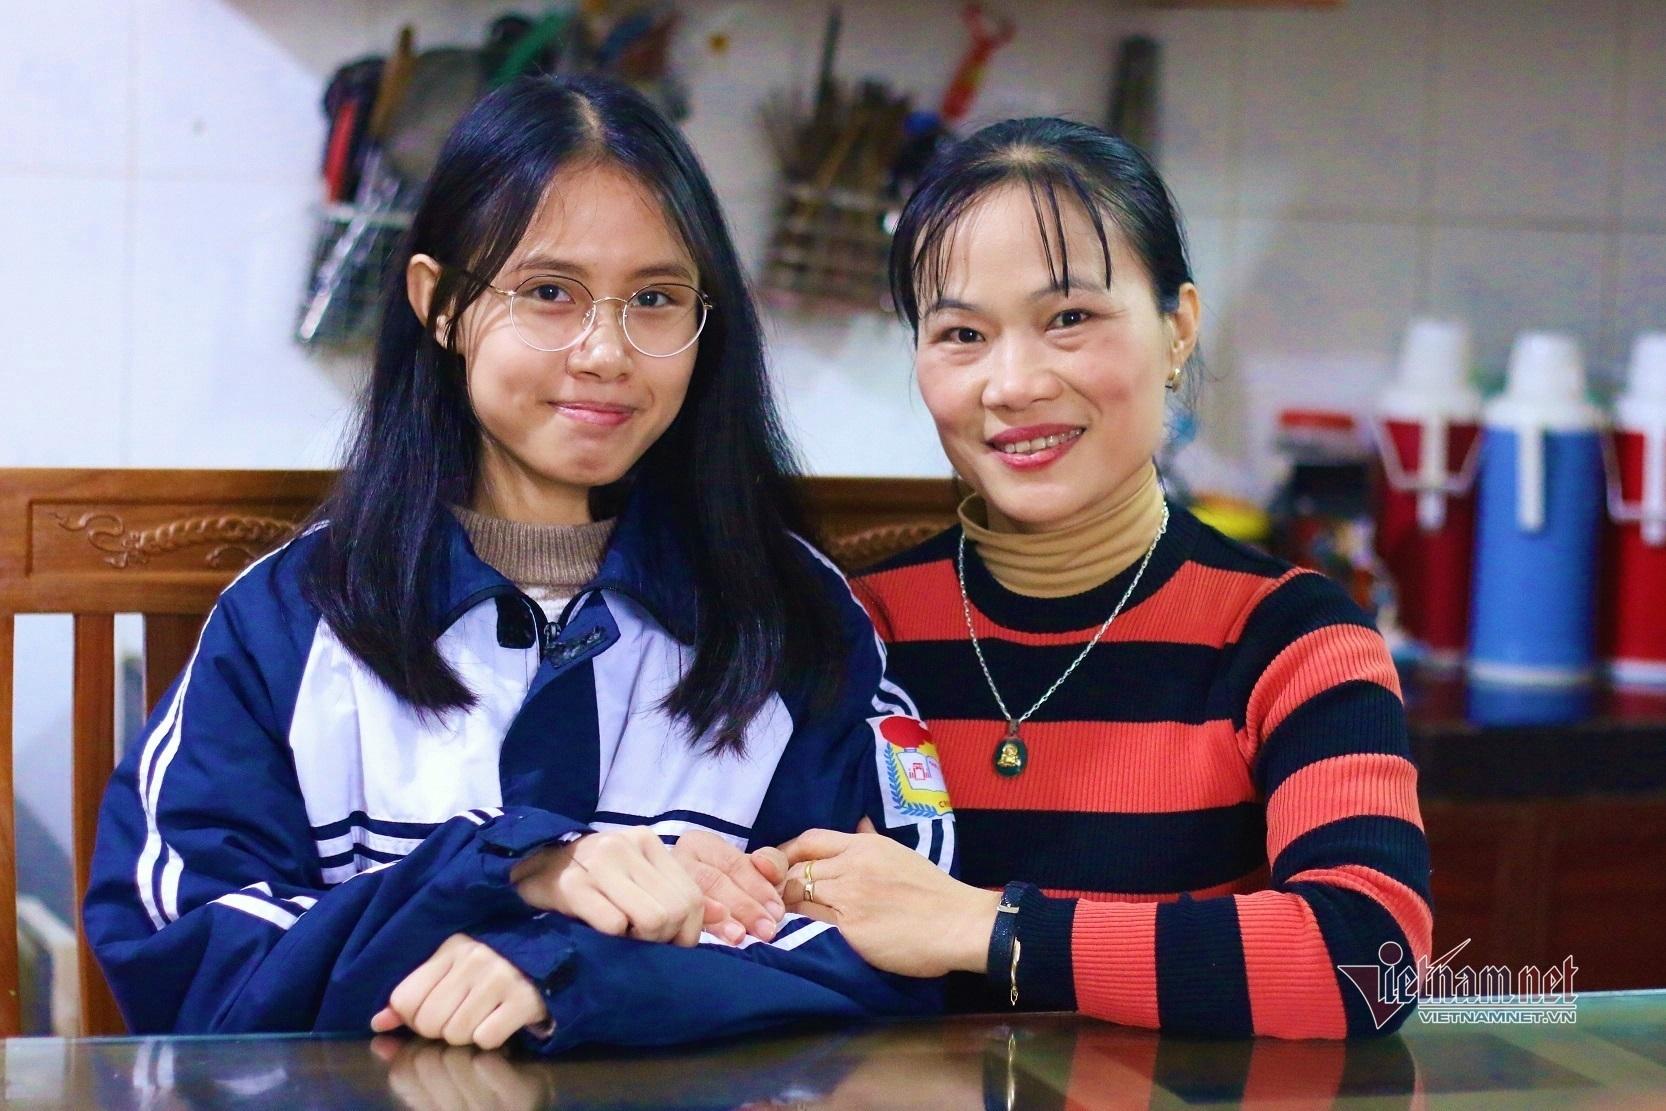 Nữ sinh Phú Thọ bật khóc vì 'đổi màu' huy chương Olympic quốc tế - ảnh 2